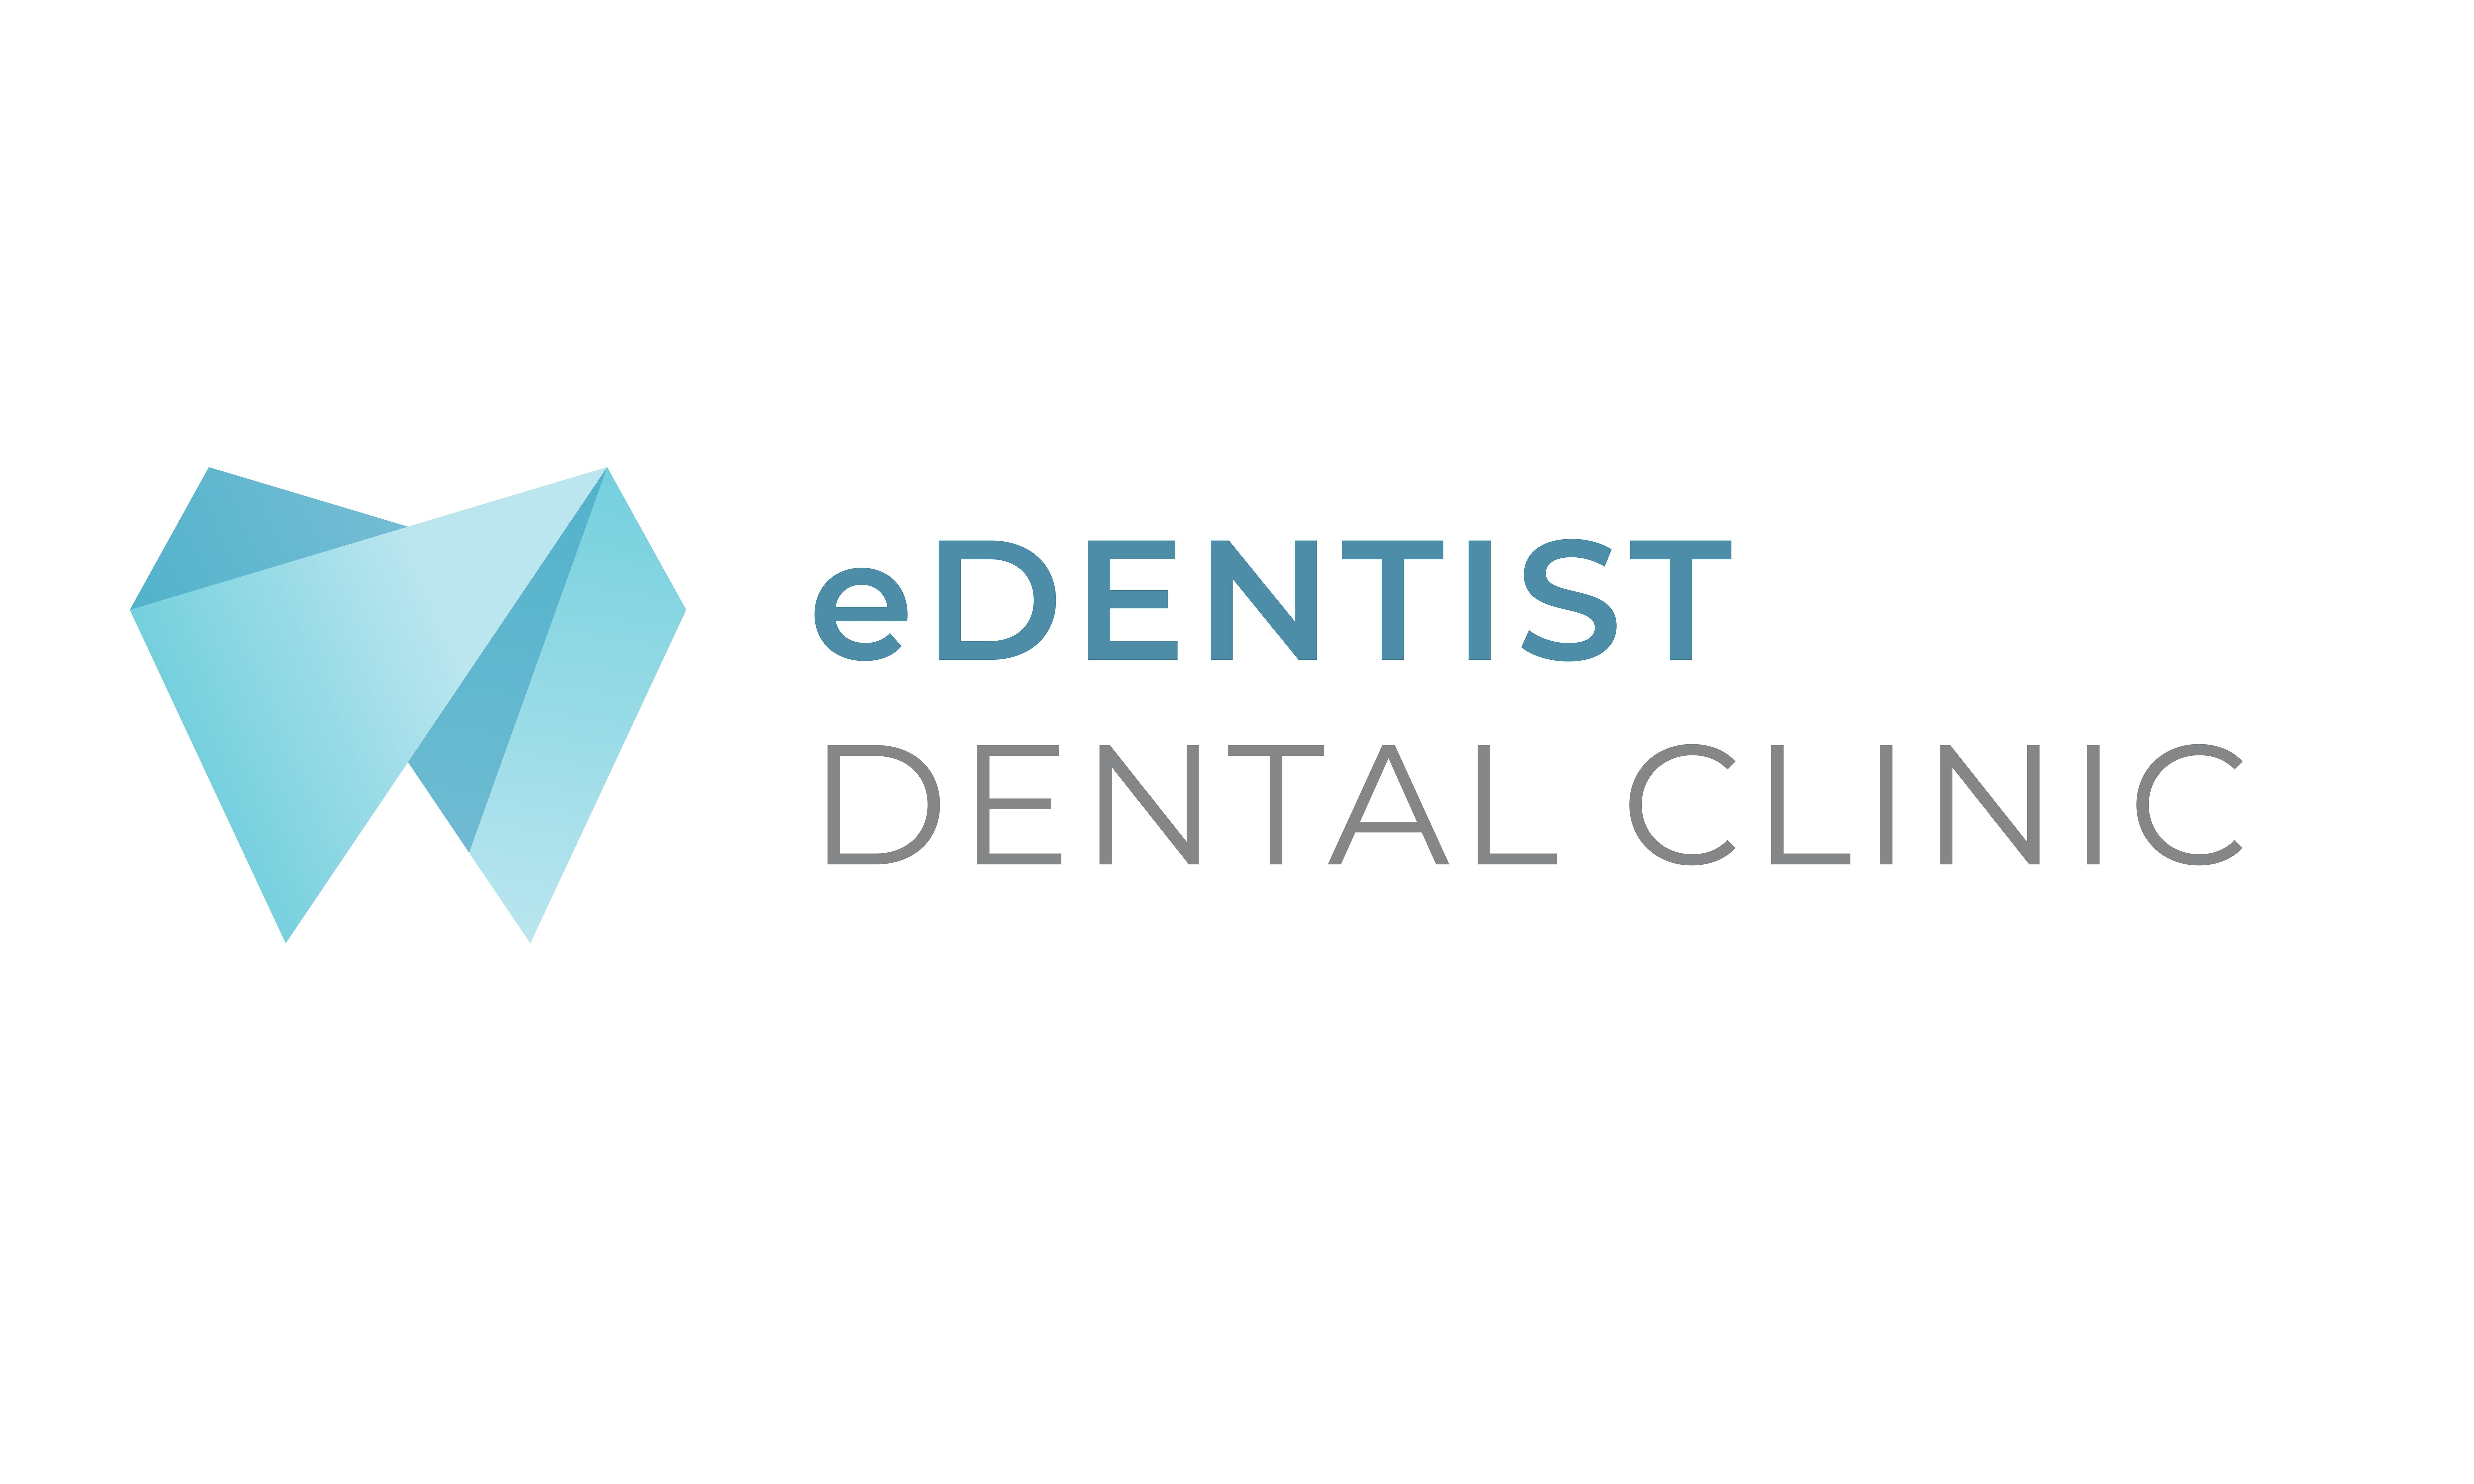 logo for eDentist Dentists